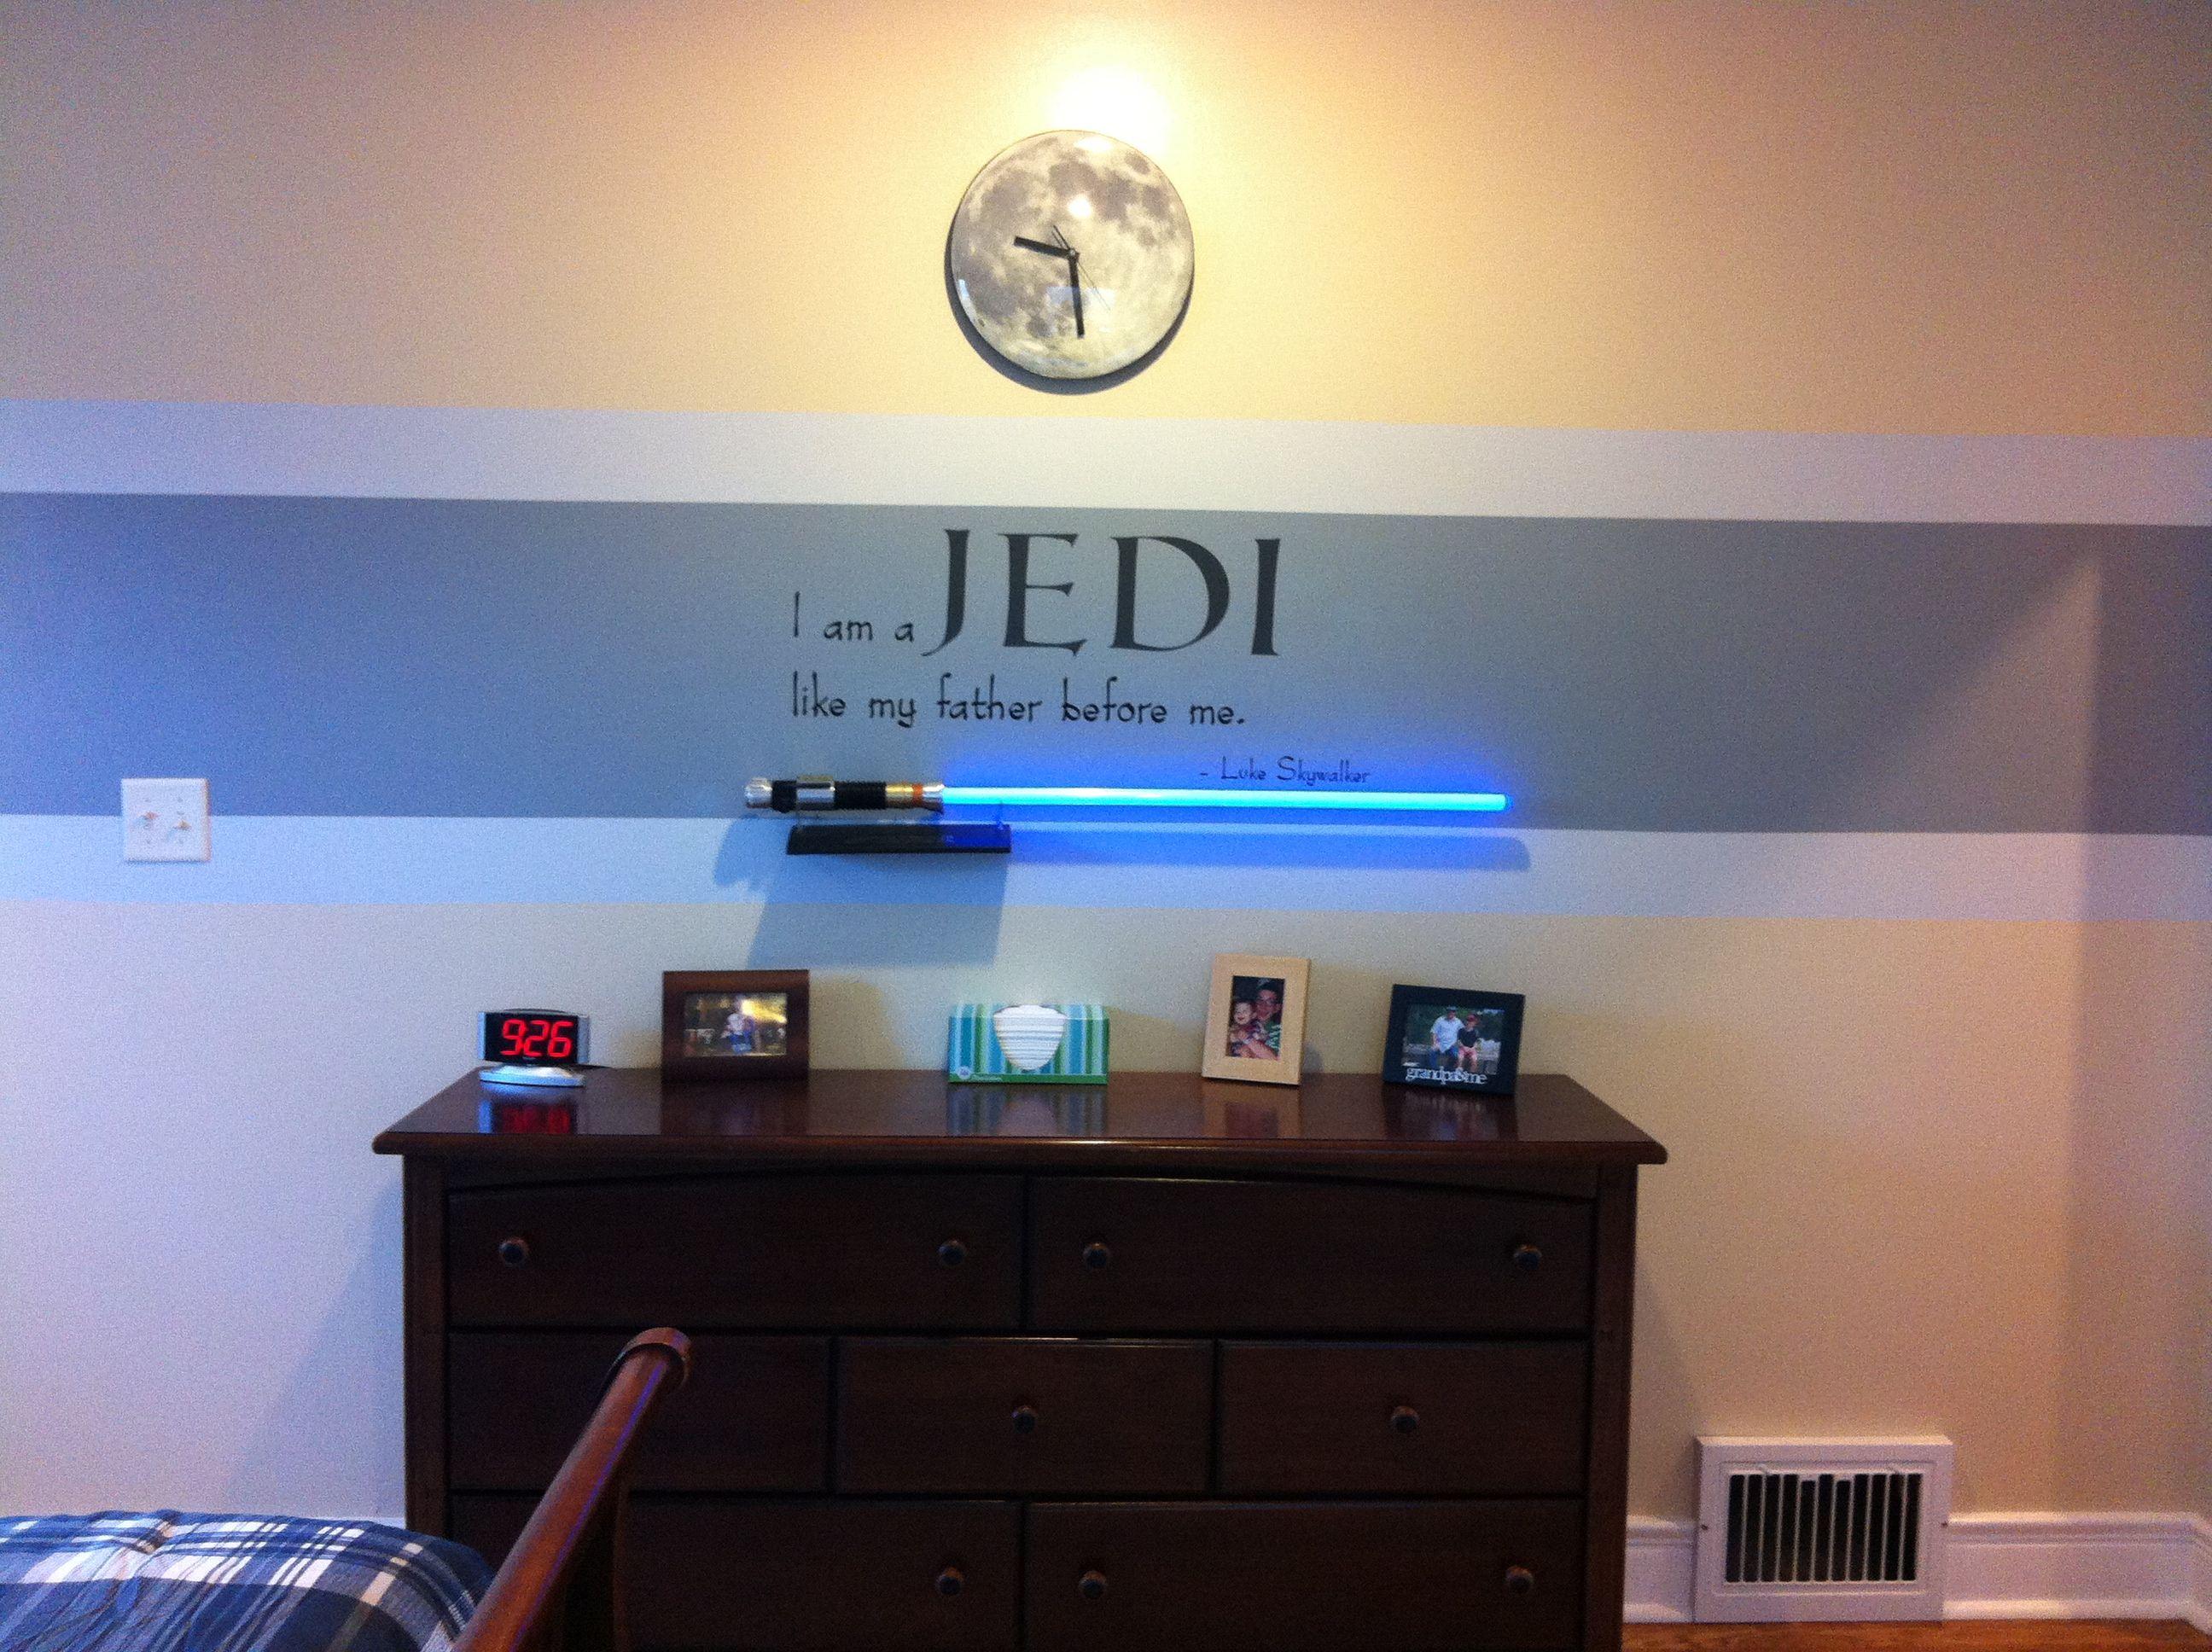 Star Wars Bedroom Idea Star Wars Boys Room Star Wars Bedroom Decor Star Wars Bedroom